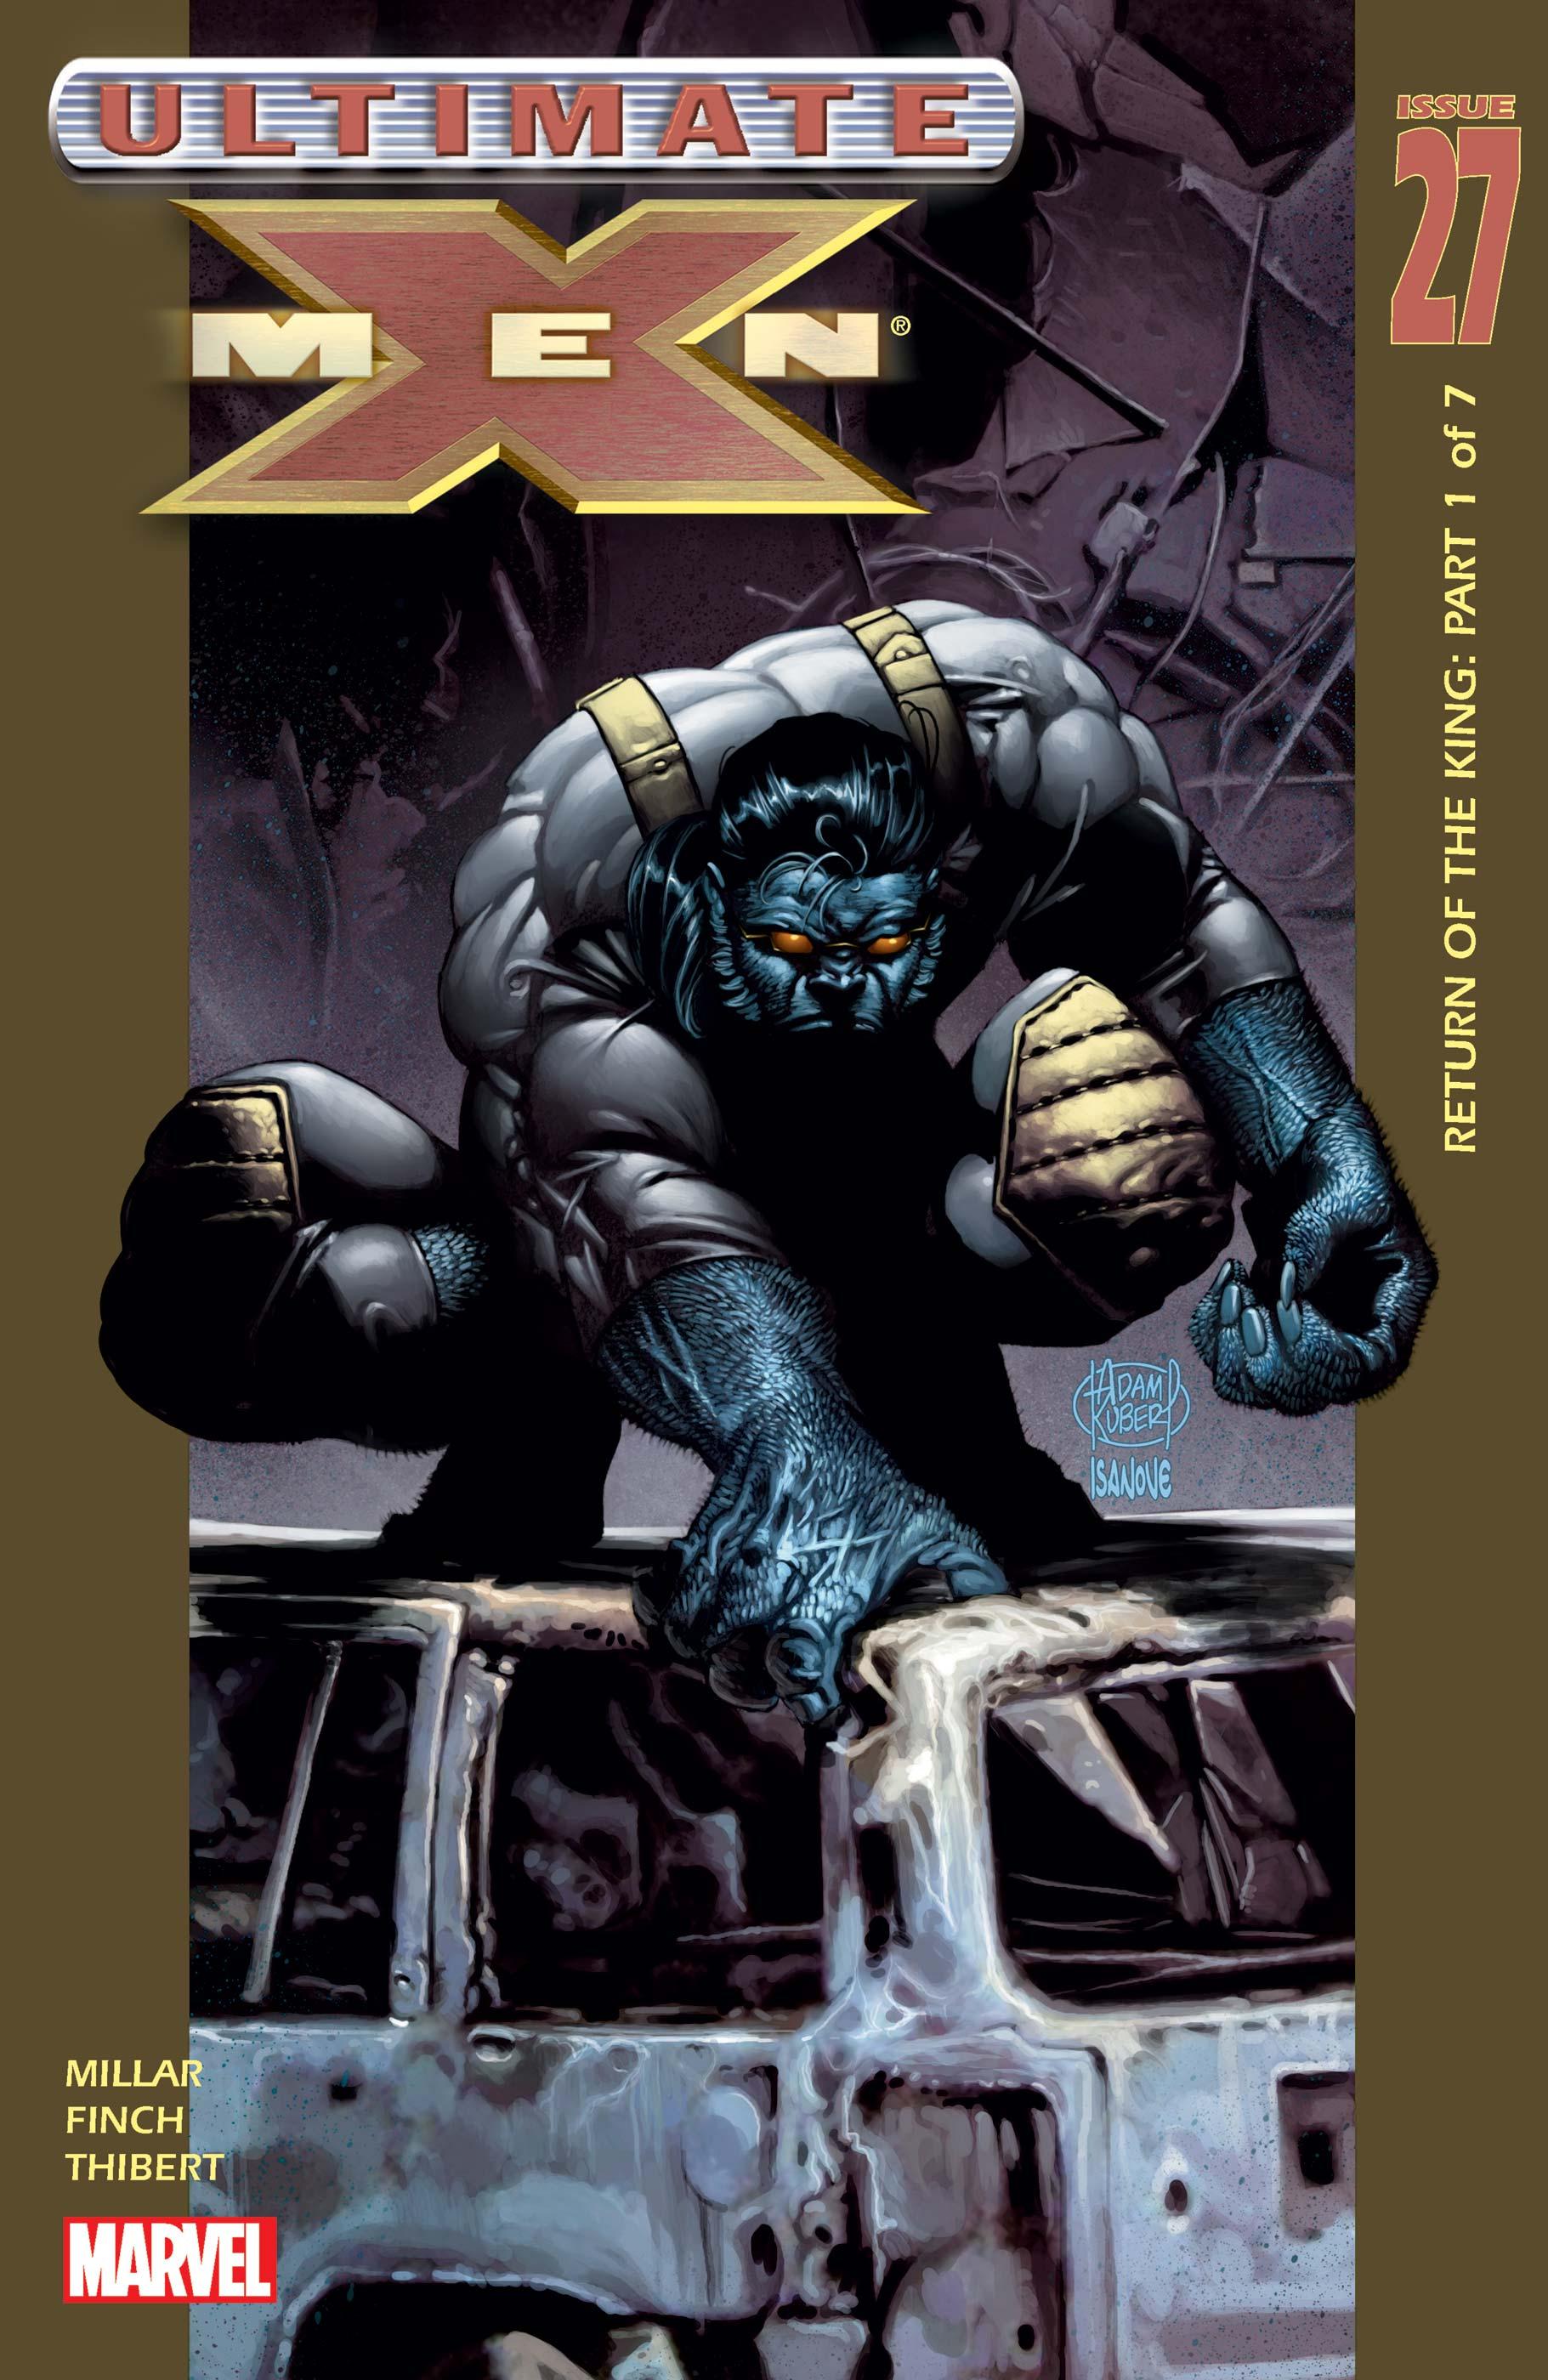 Ultimate X-Men (2000) #27